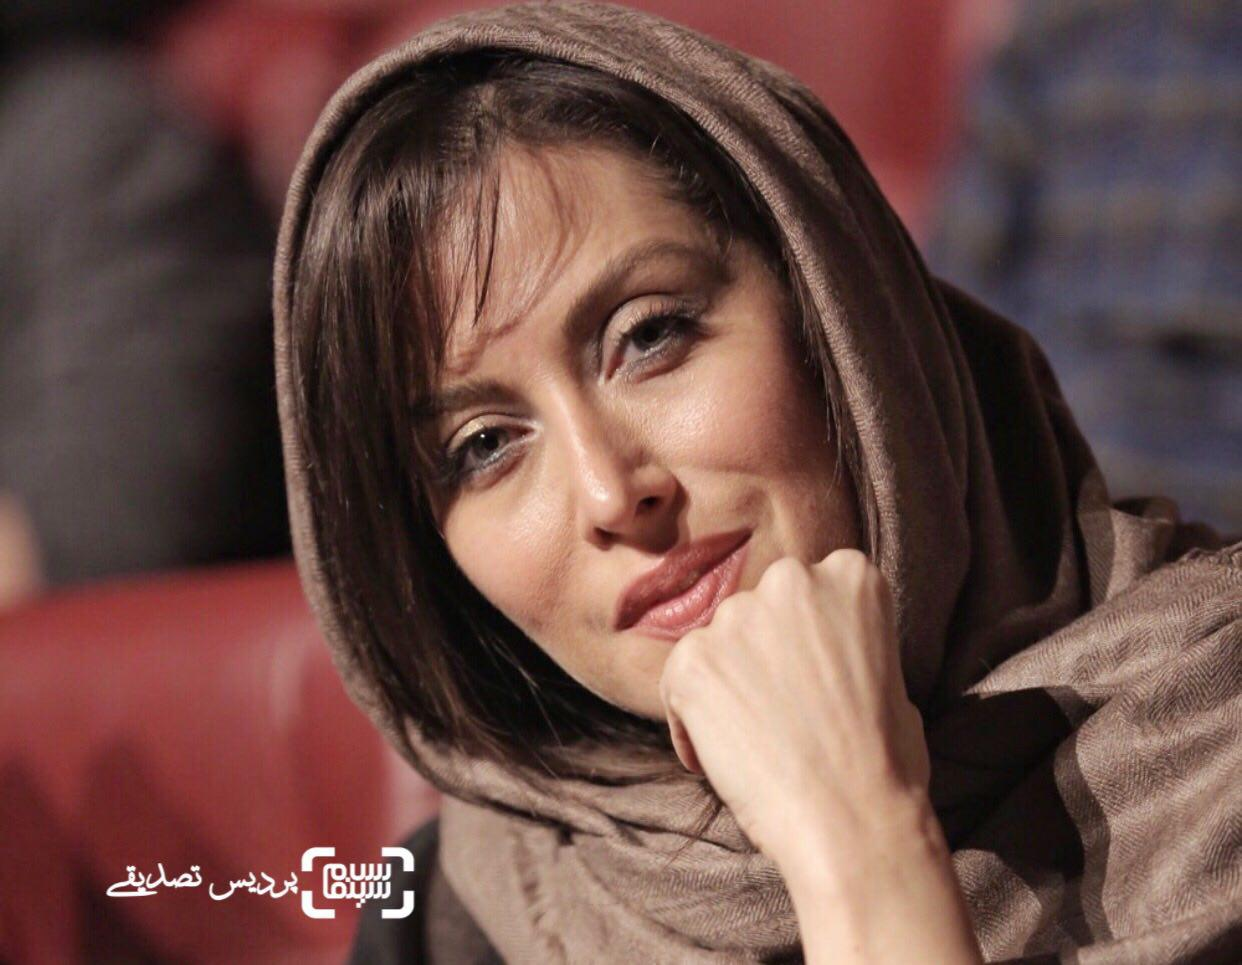 مهتاب کرامتی در اختتامیه جشنواره فیلم کوتاه تهران